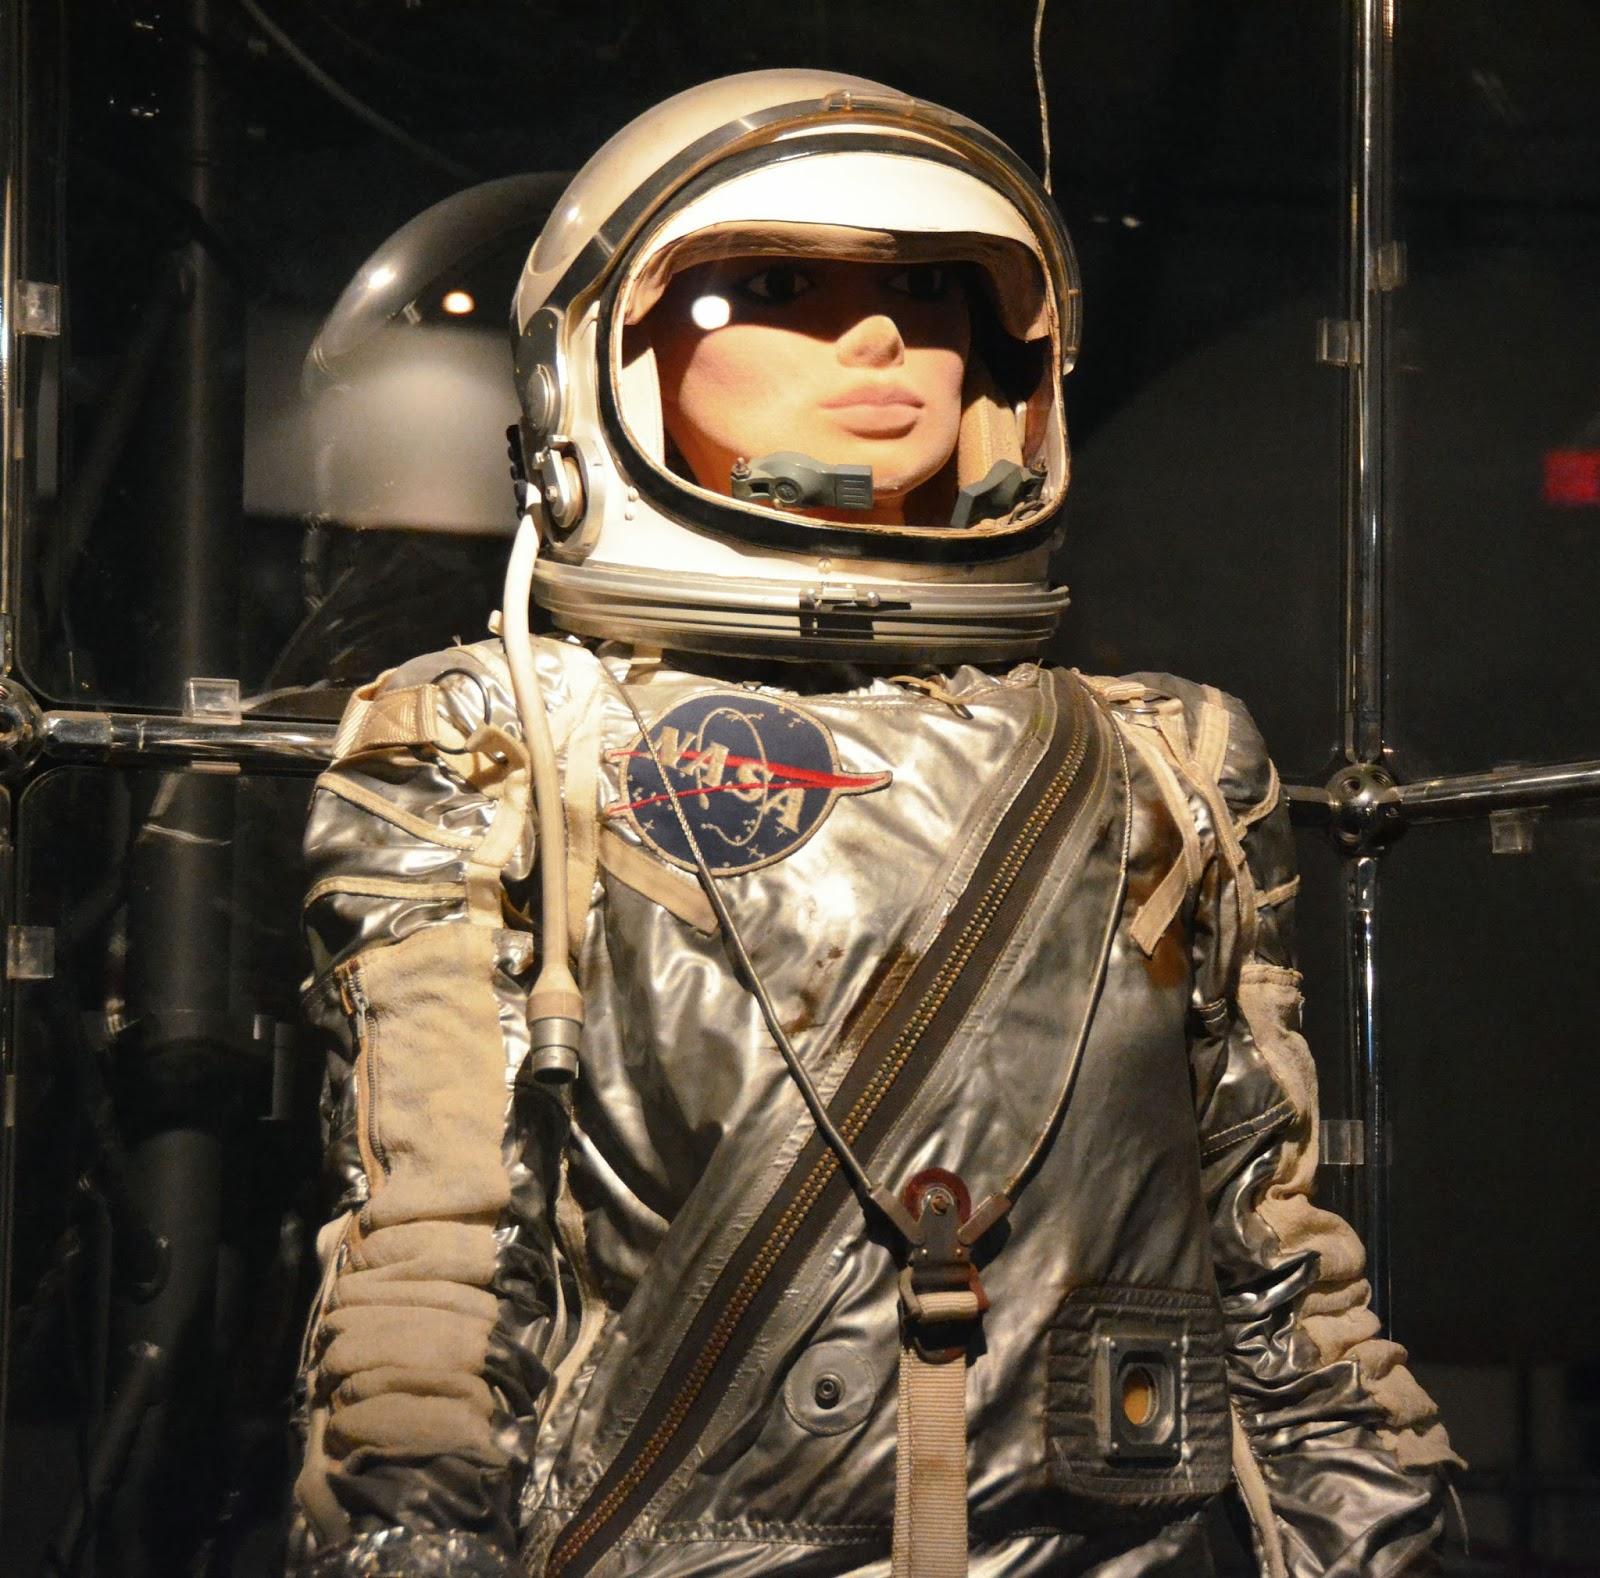 Future Astronaut Suit - Pics about space